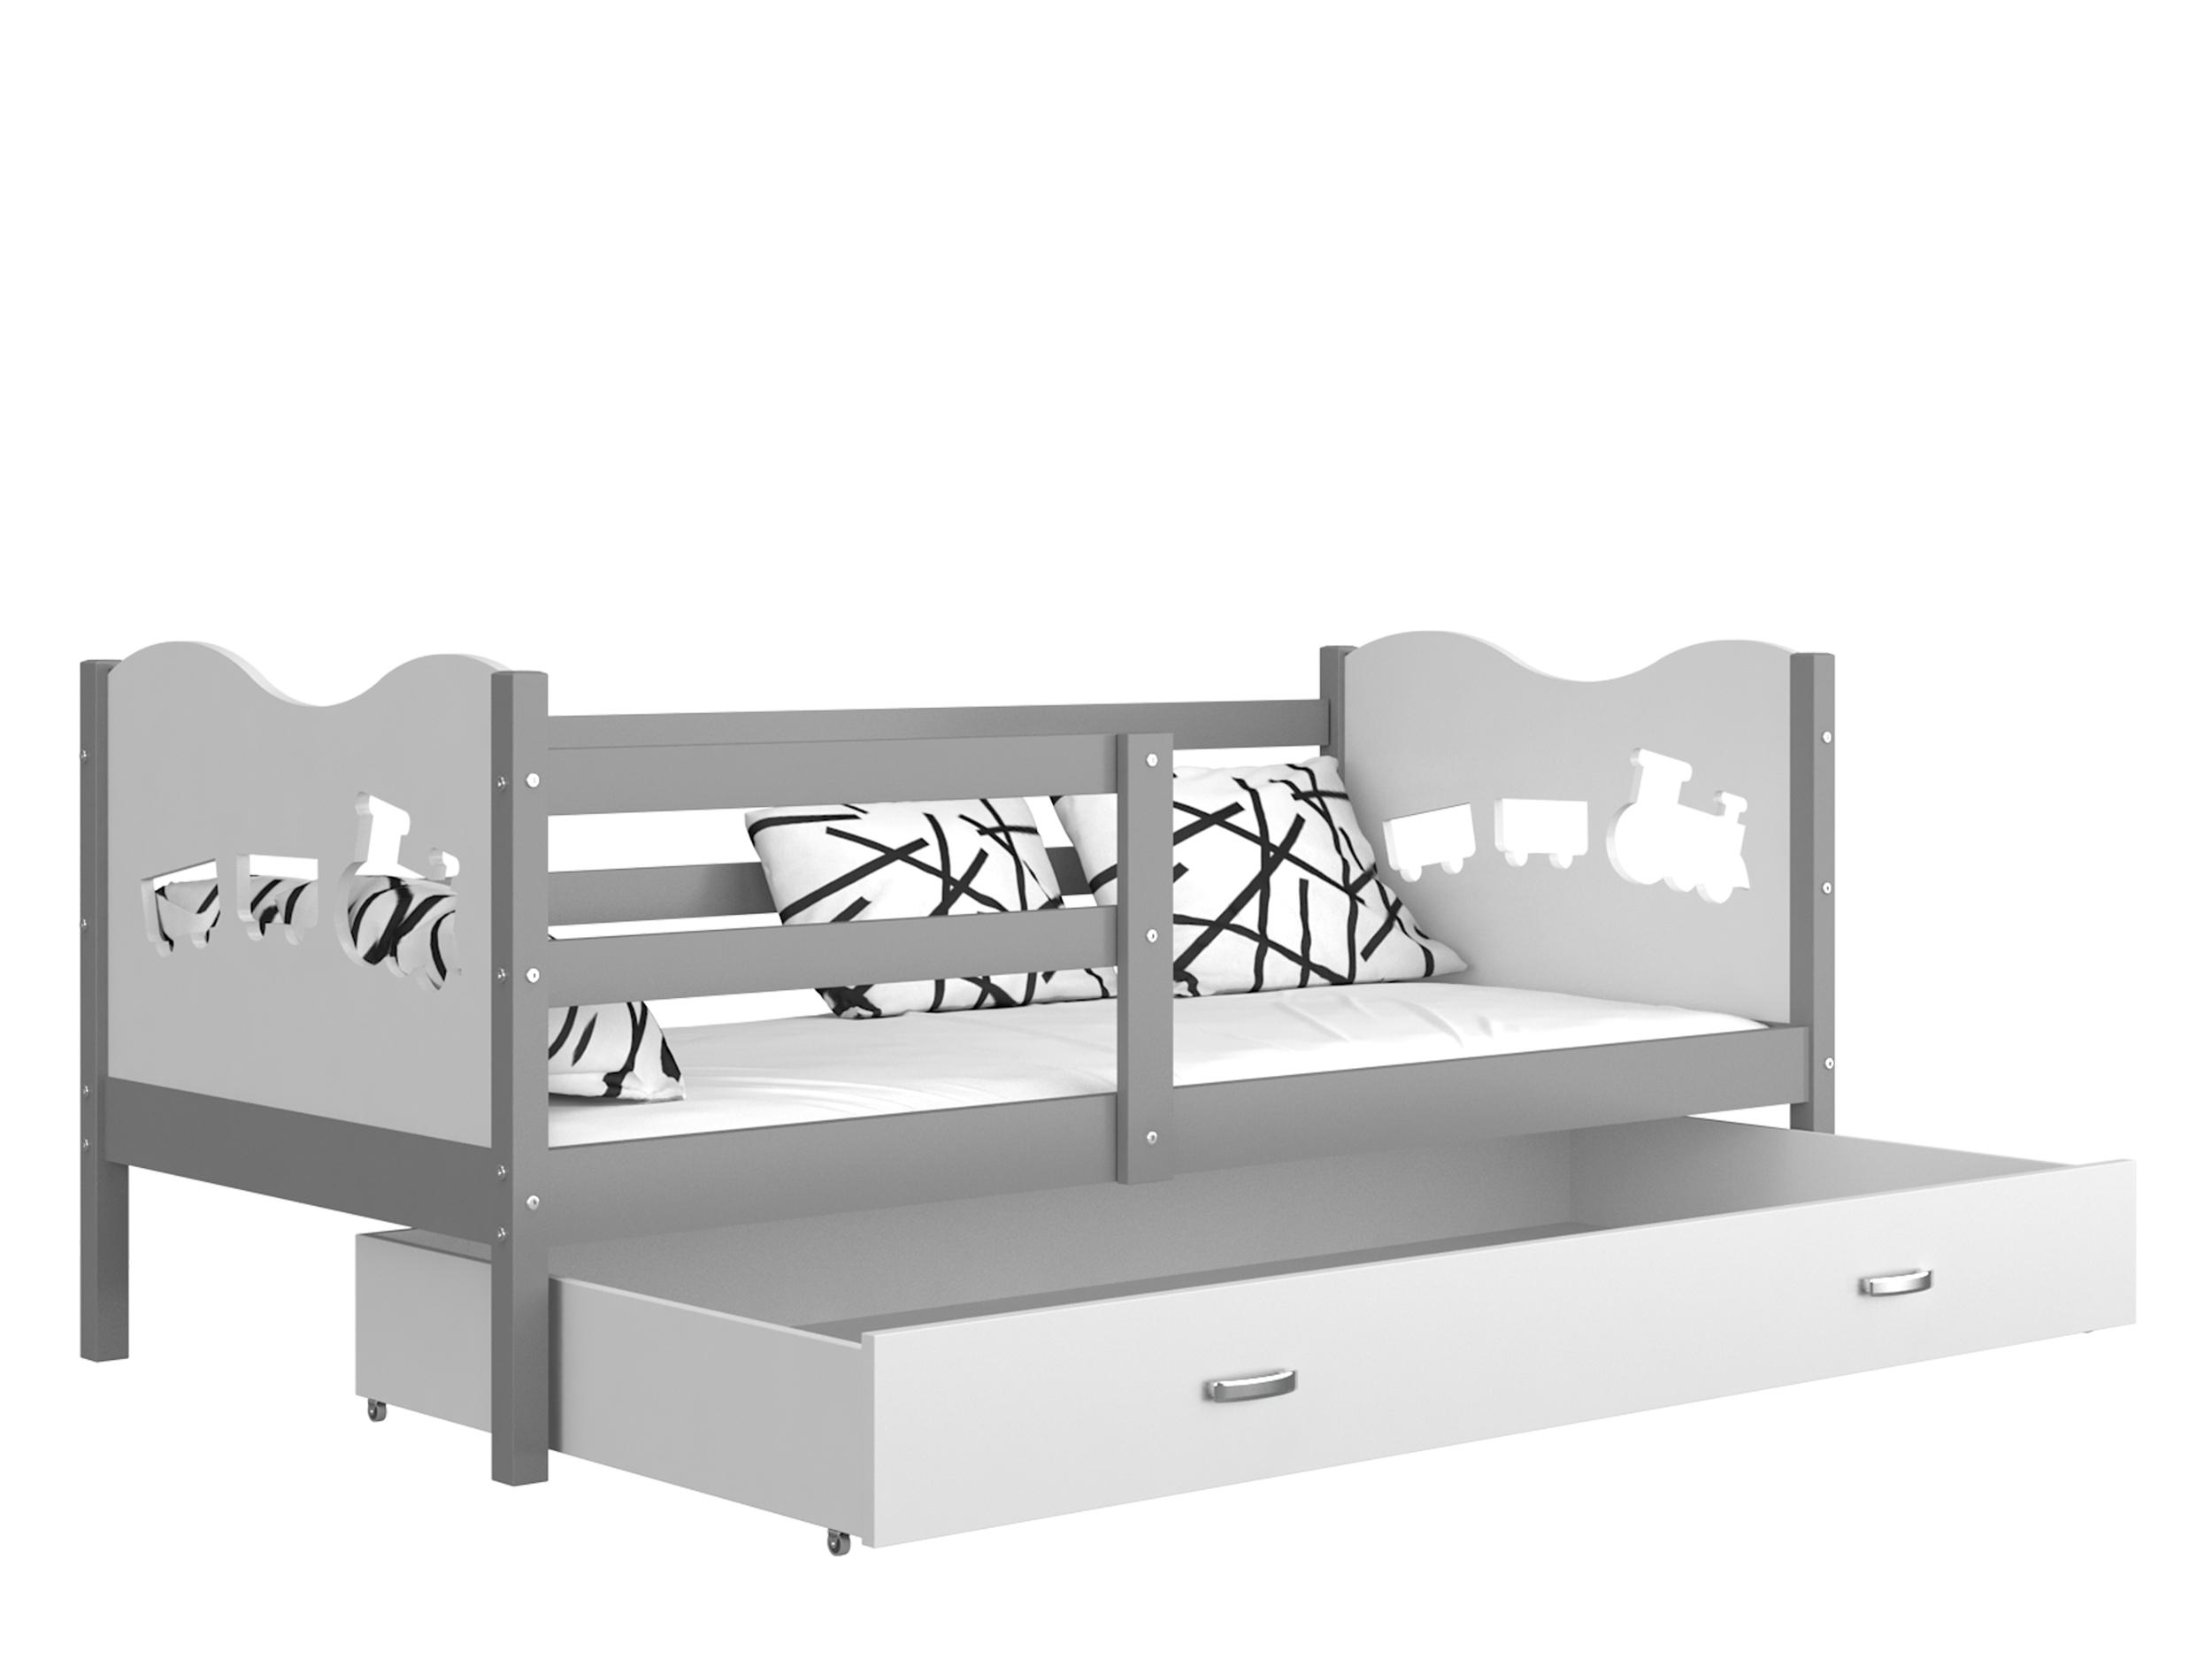 ArtAJ Detská posteľ MAX P / MDF 200 x 90 cm Farba: Sivá / biela 200 x 90 cm, s matracom